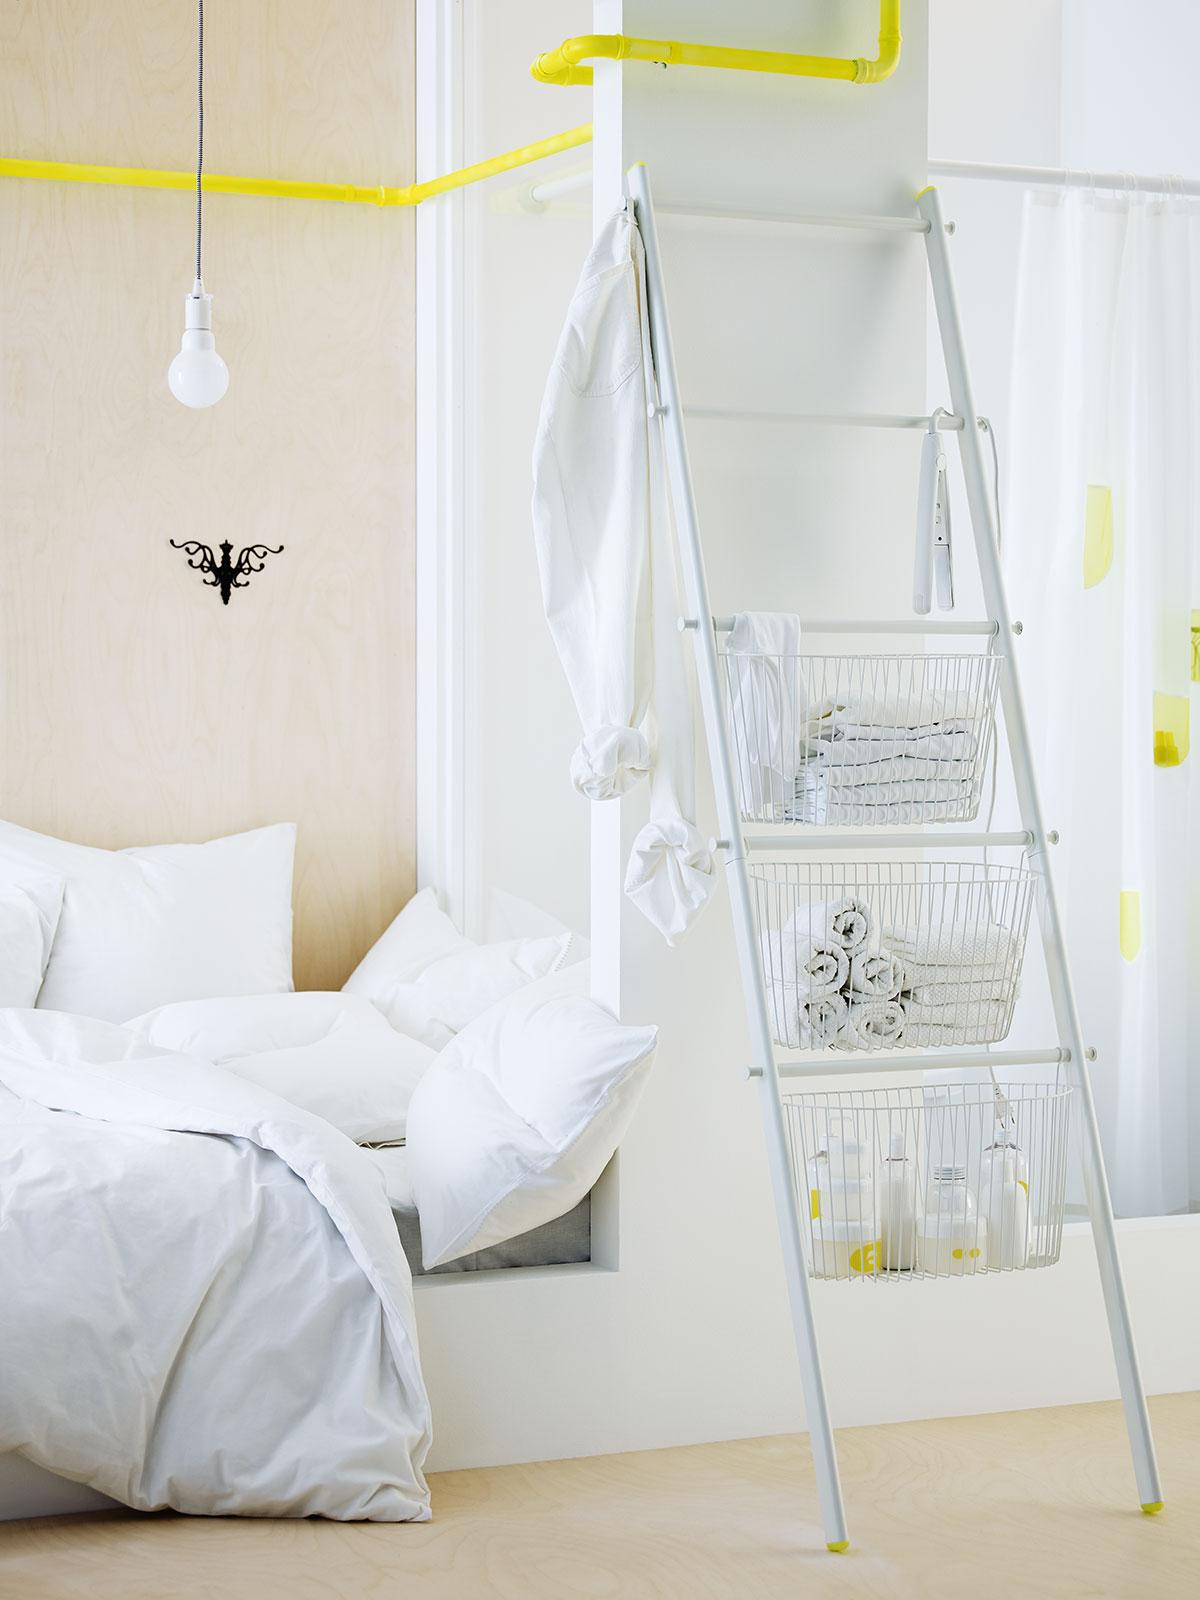 sprutt design kollektion von ikea bezauberndes leben. Black Bedroom Furniture Sets. Home Design Ideas